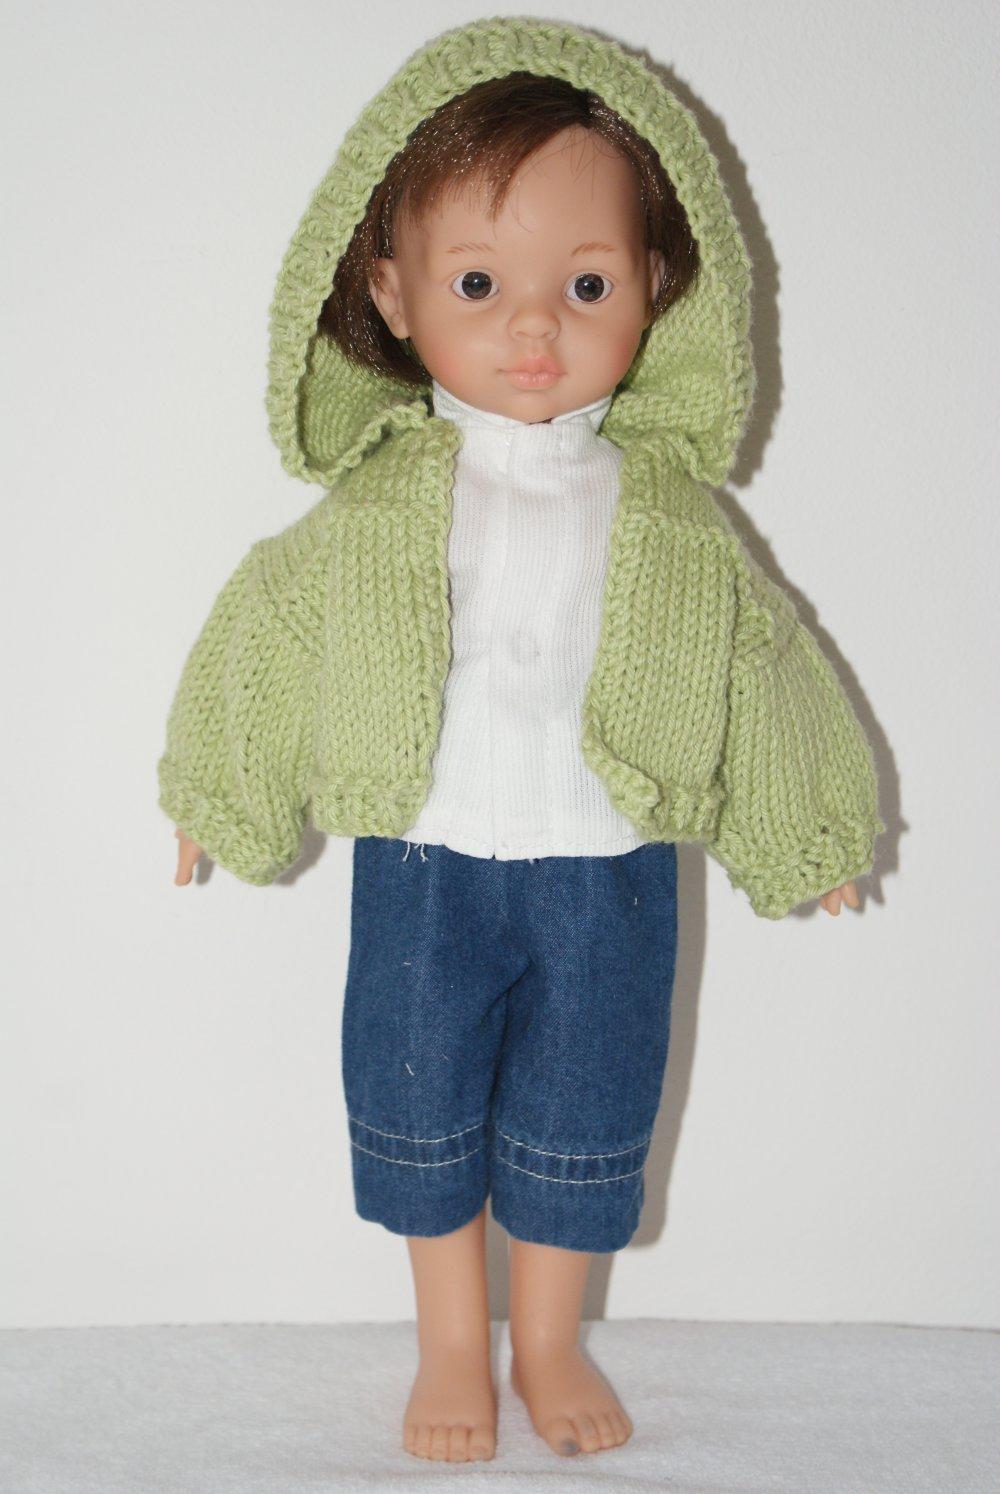 30cm vêtements de Poupée Cardigan Pull en Laine Customiser pour Poupée